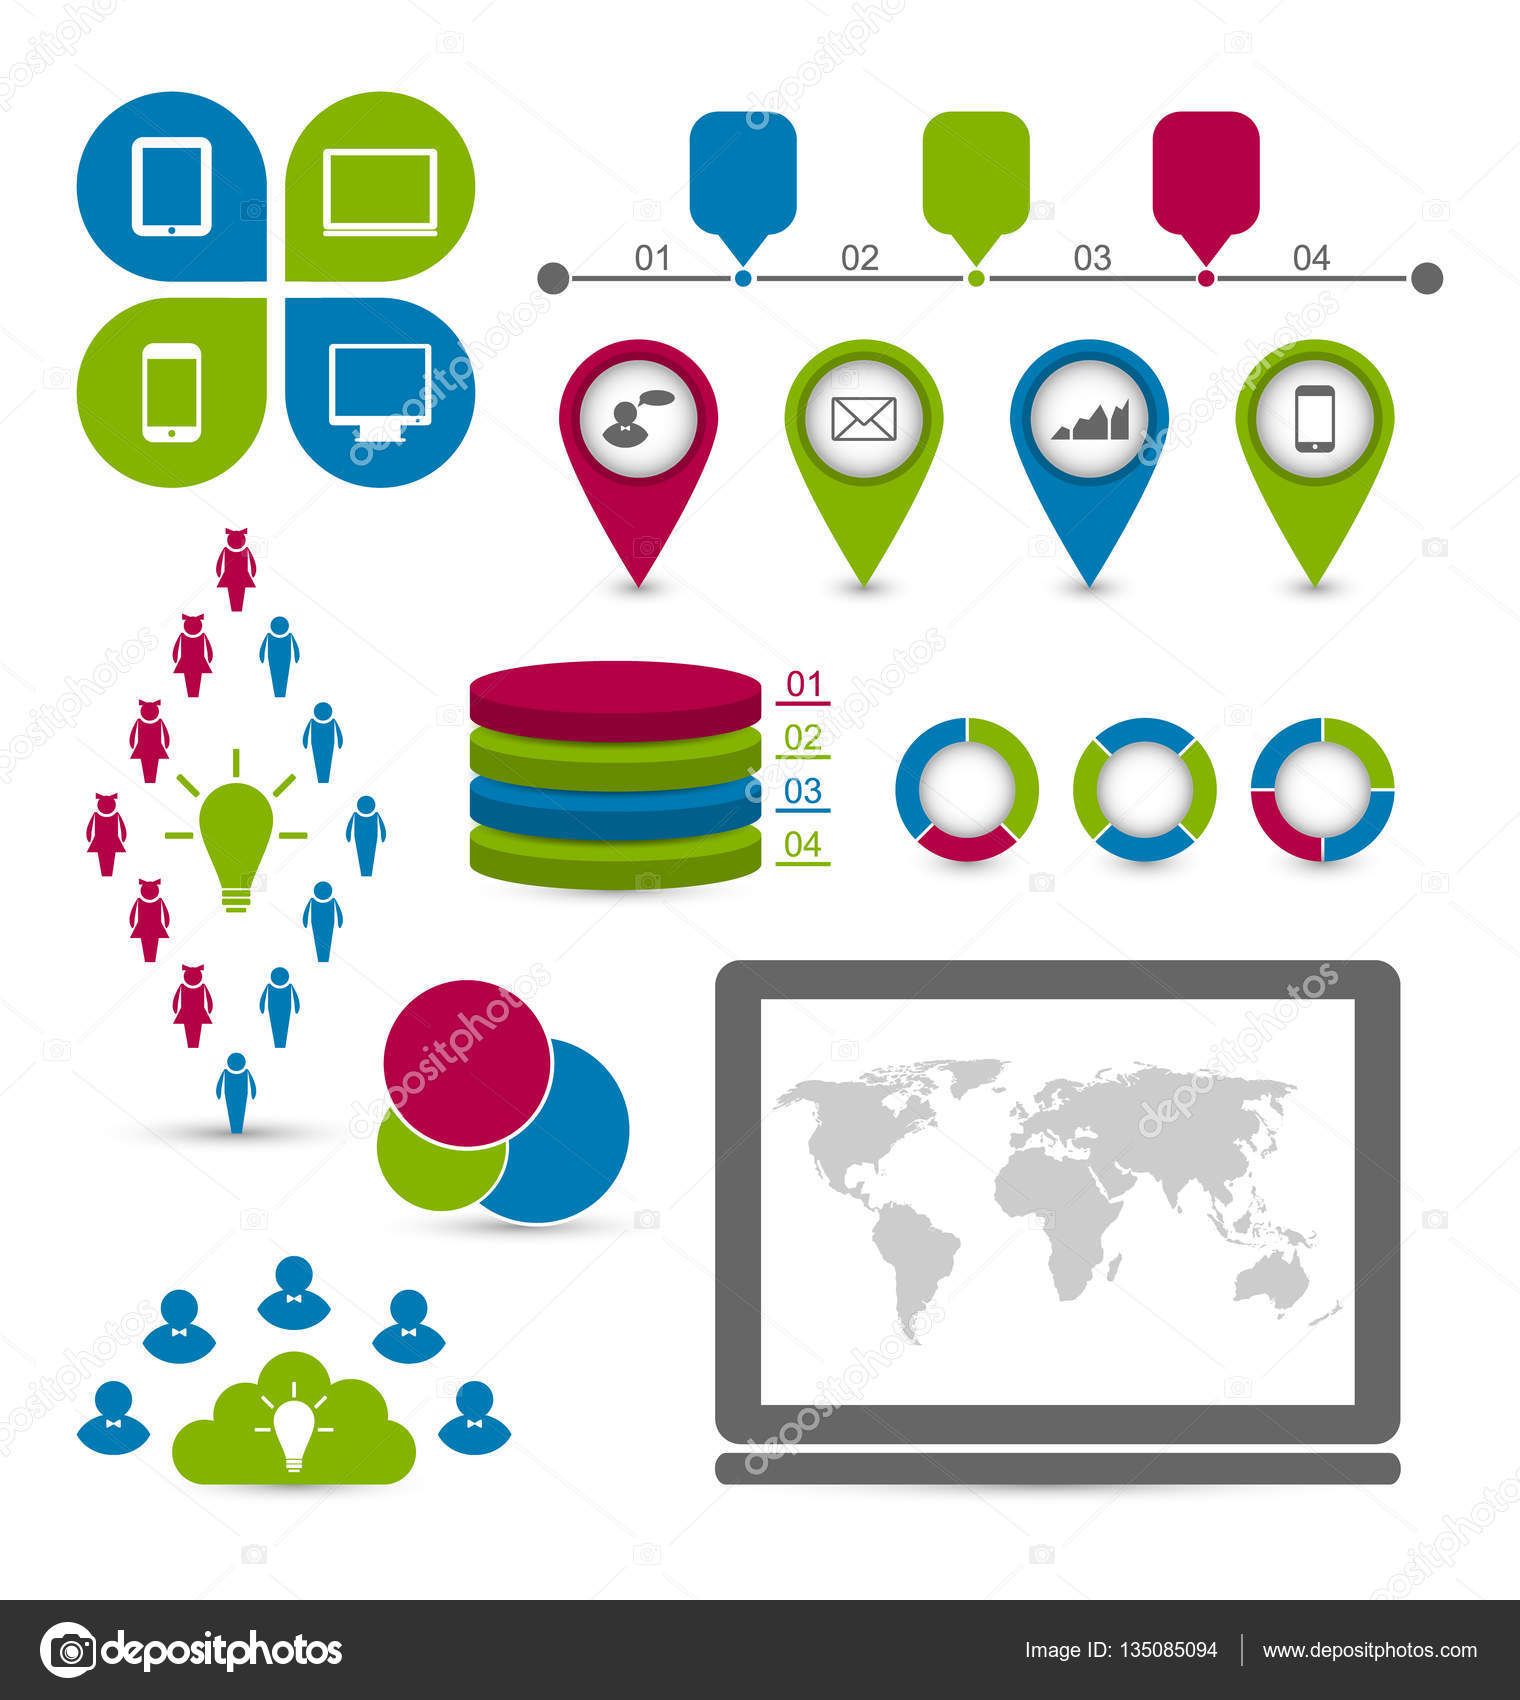 las estadísticas sociales set de infografía — Foto de stock ...